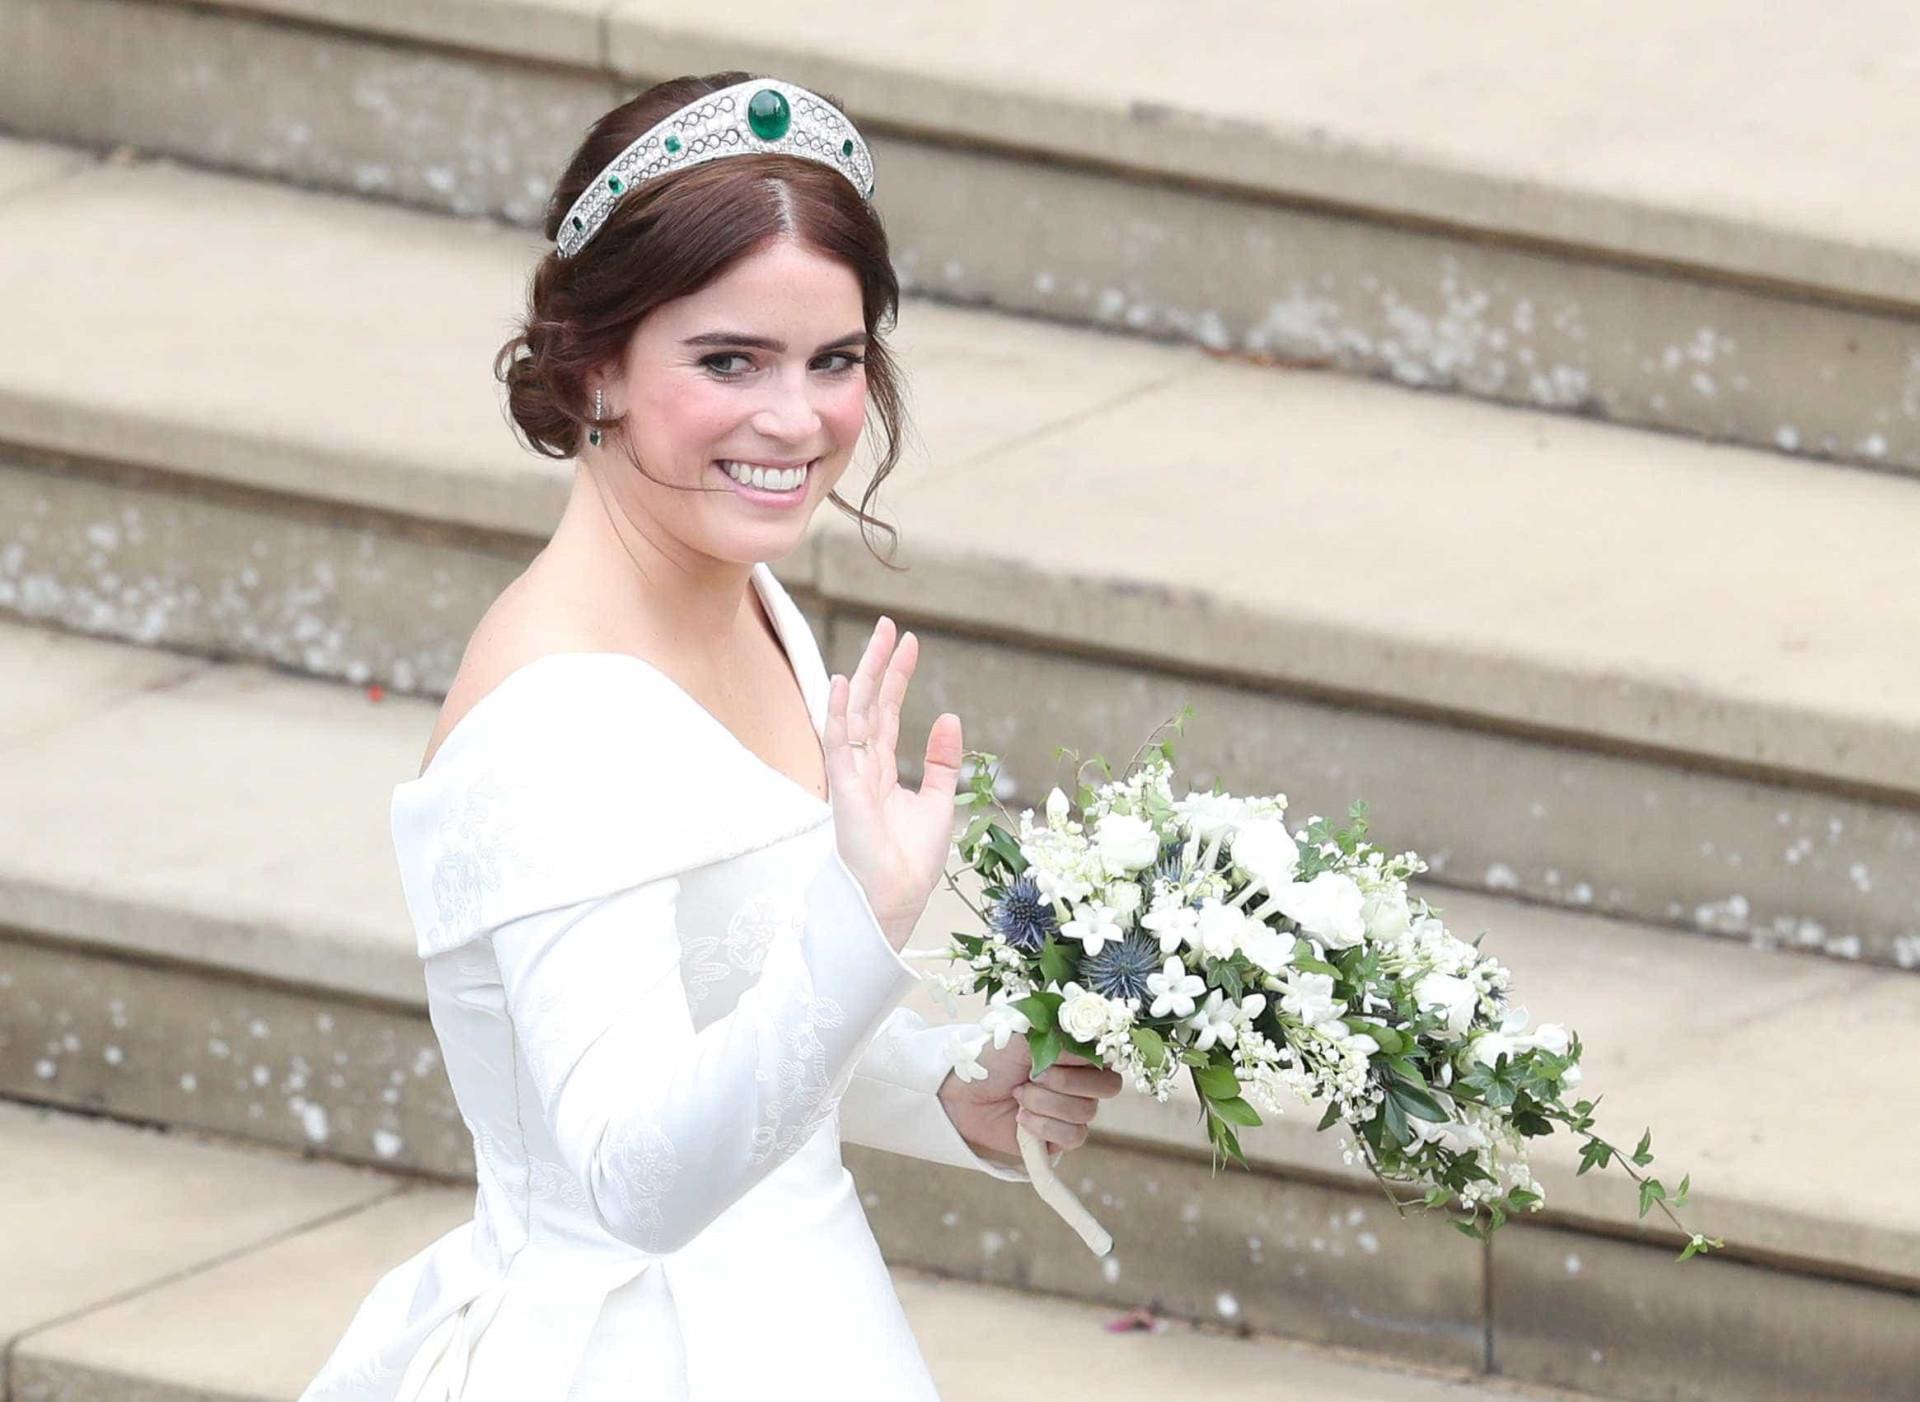 Princesa Eugenie e Jack Brooksbank se casam em Windsor; veja fotos